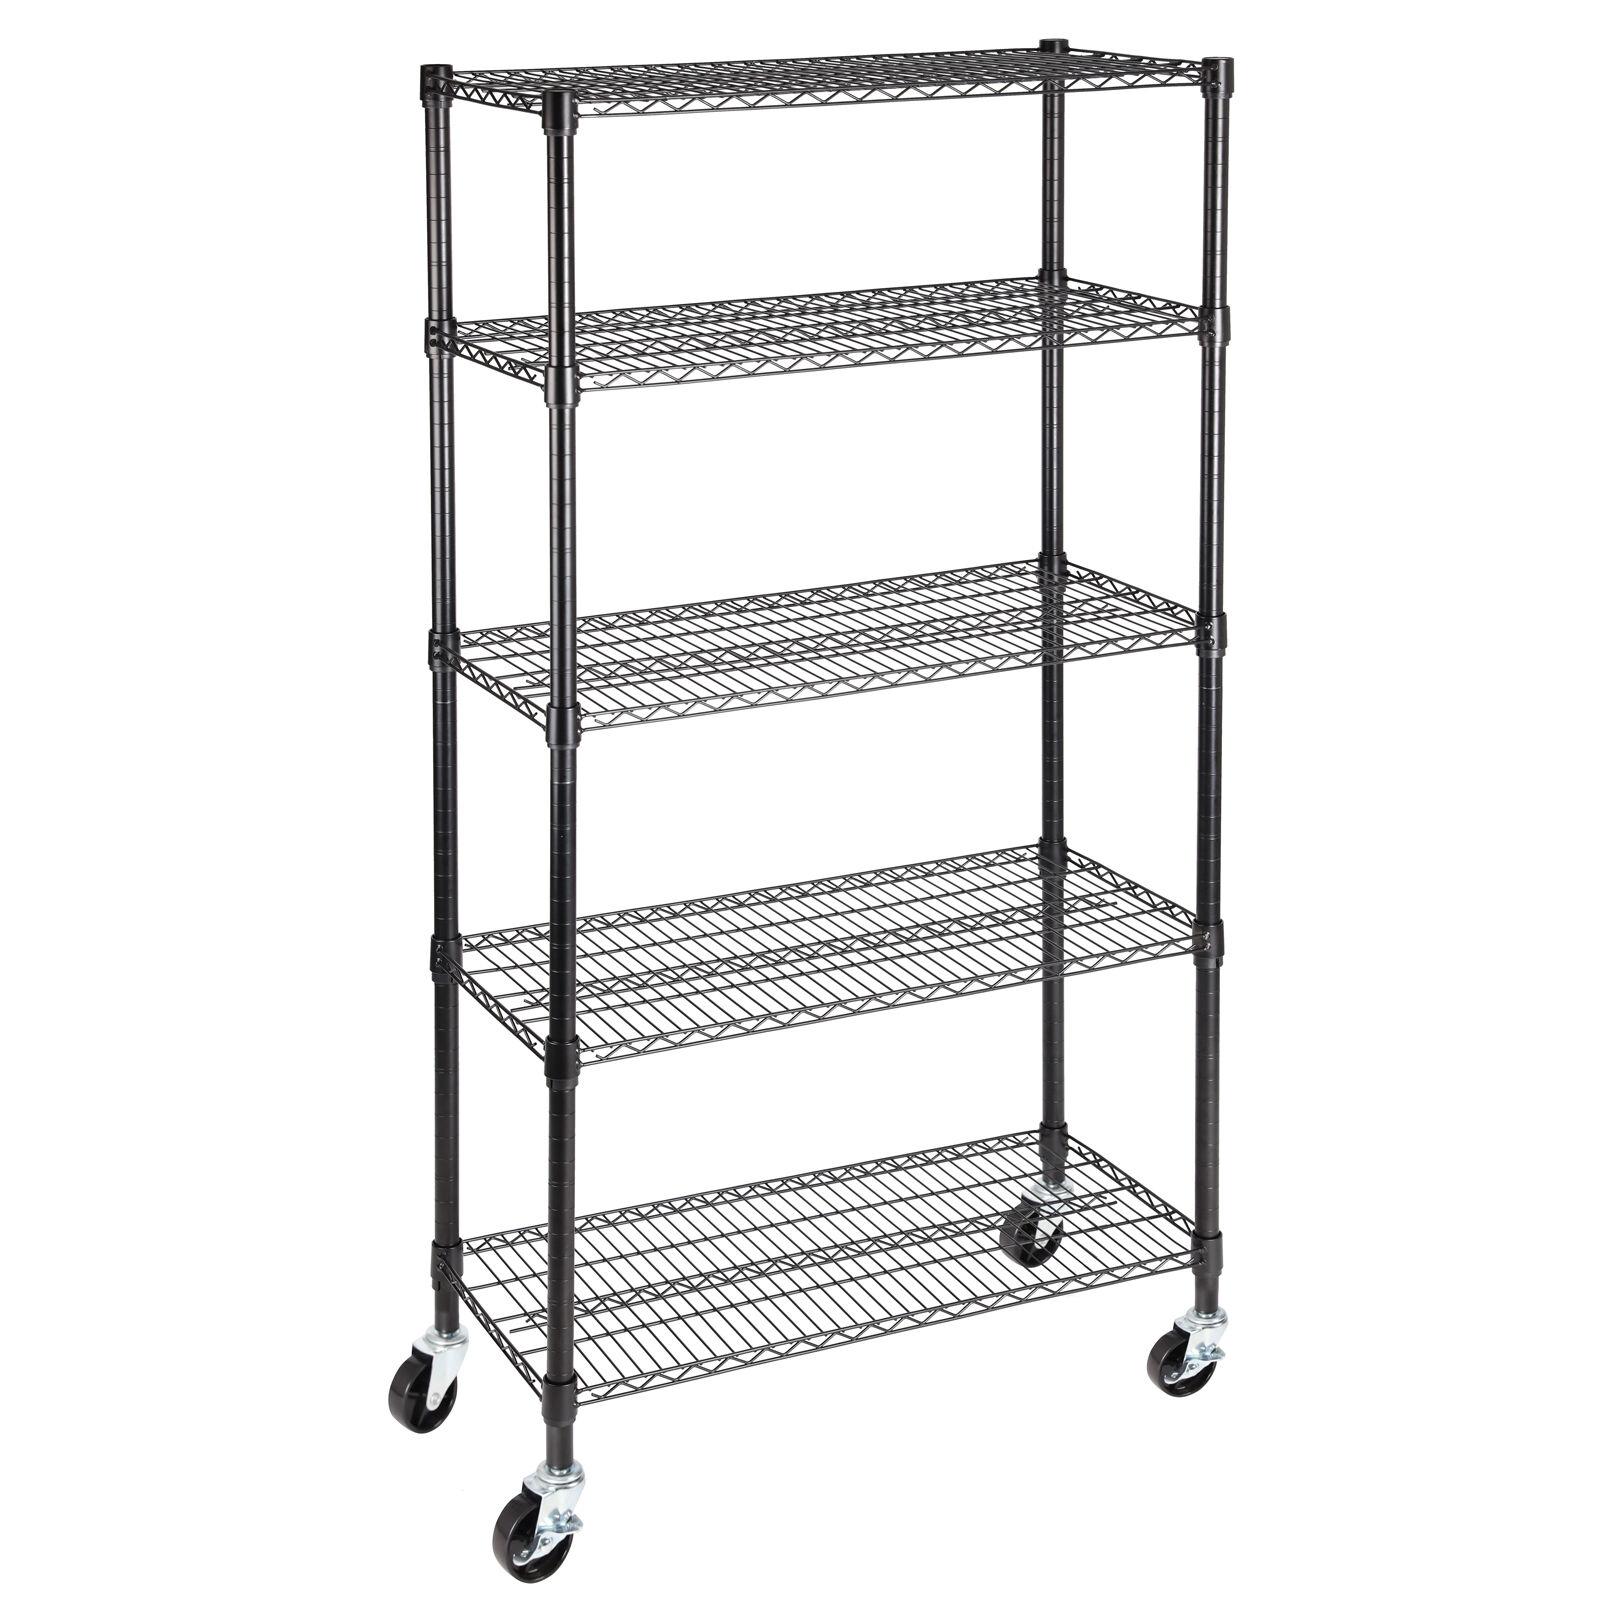 5 tier 60 u0026quot x30 u0026quot x14 u0026quot  layer wire shelving rack heavy duty steel shelf adjustable 699987704775